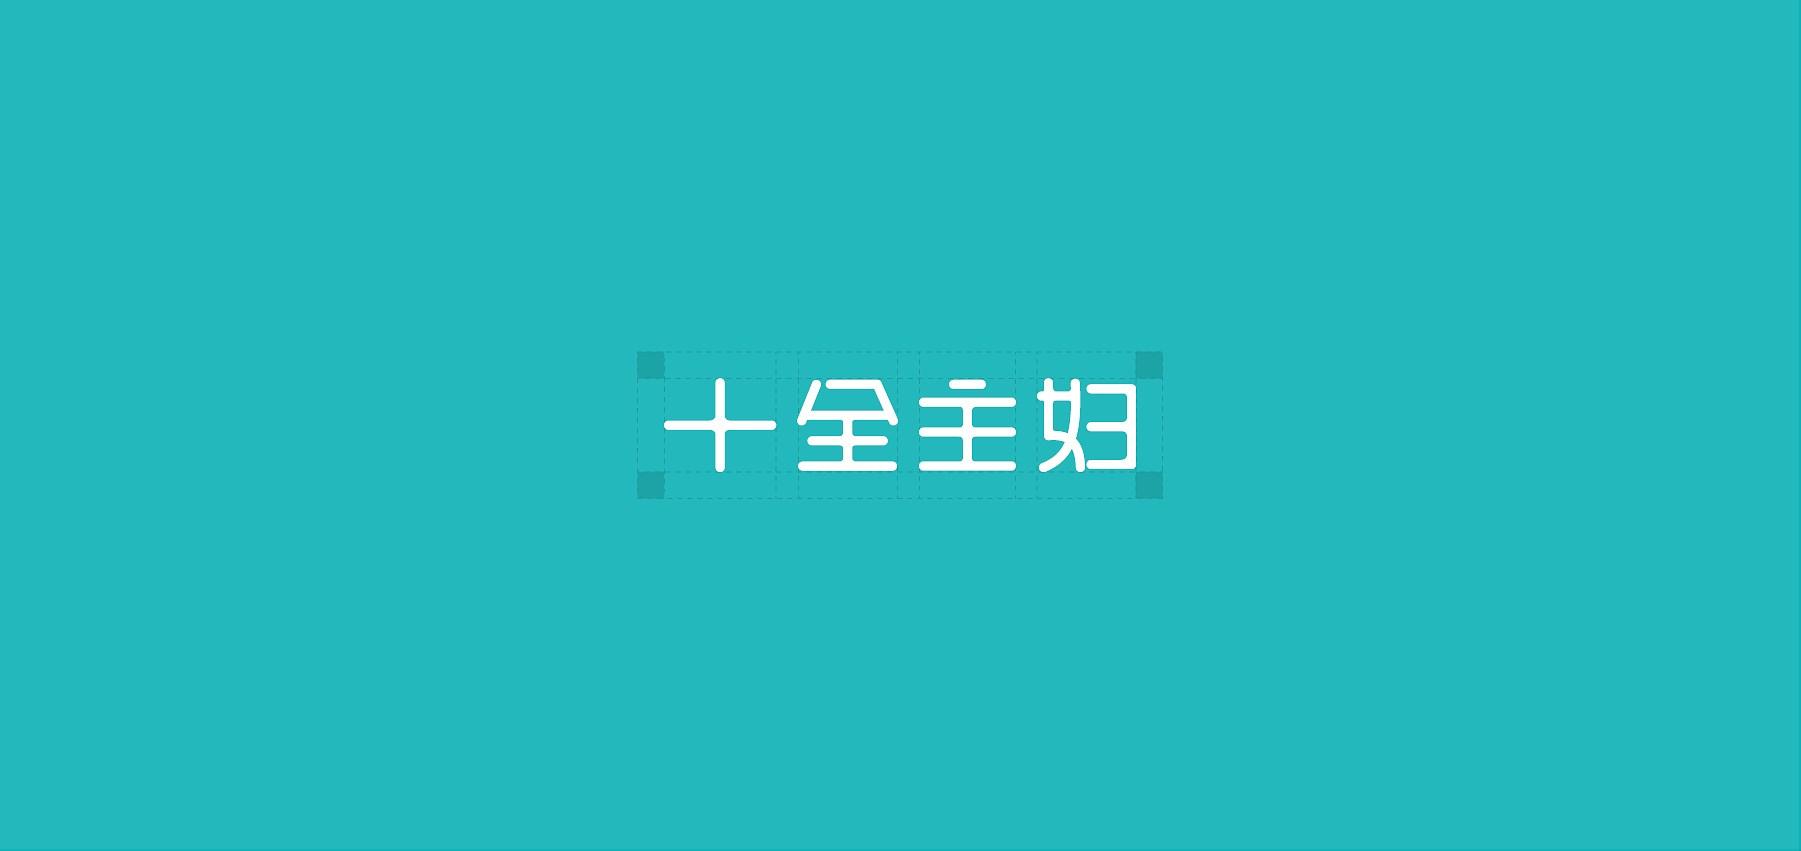 十全主妇-03.jpg